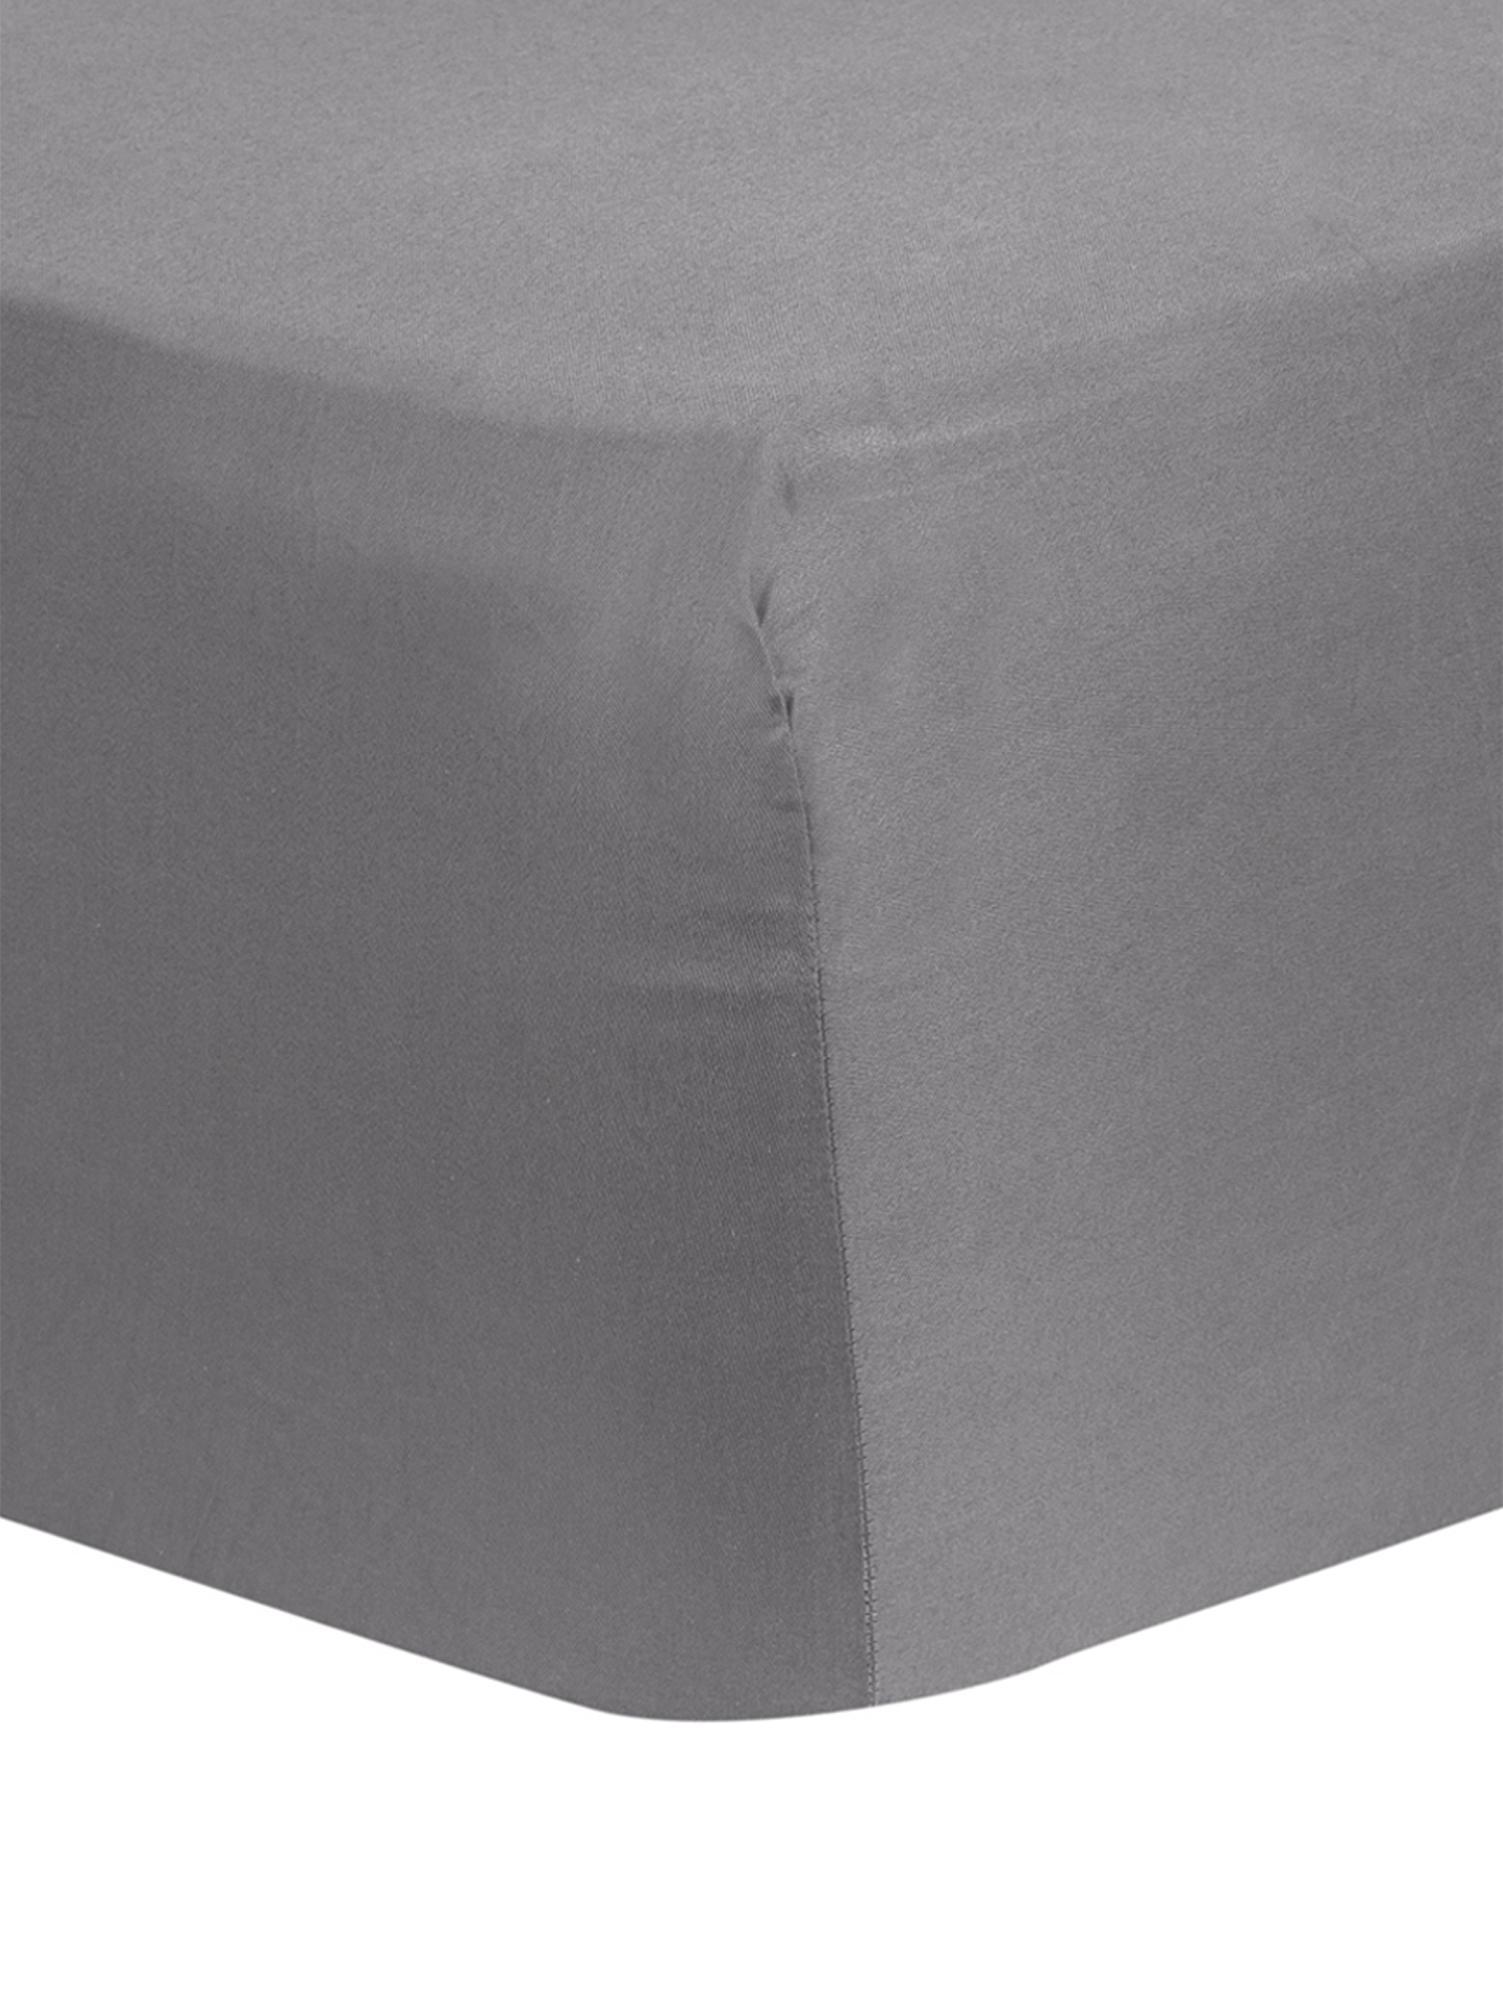 Boxspring-Spannbettlaken Comfort, Baumwollsatin, Webart: Satin, leicht glänzend, Dunkelgrau, 160 x 200 cm